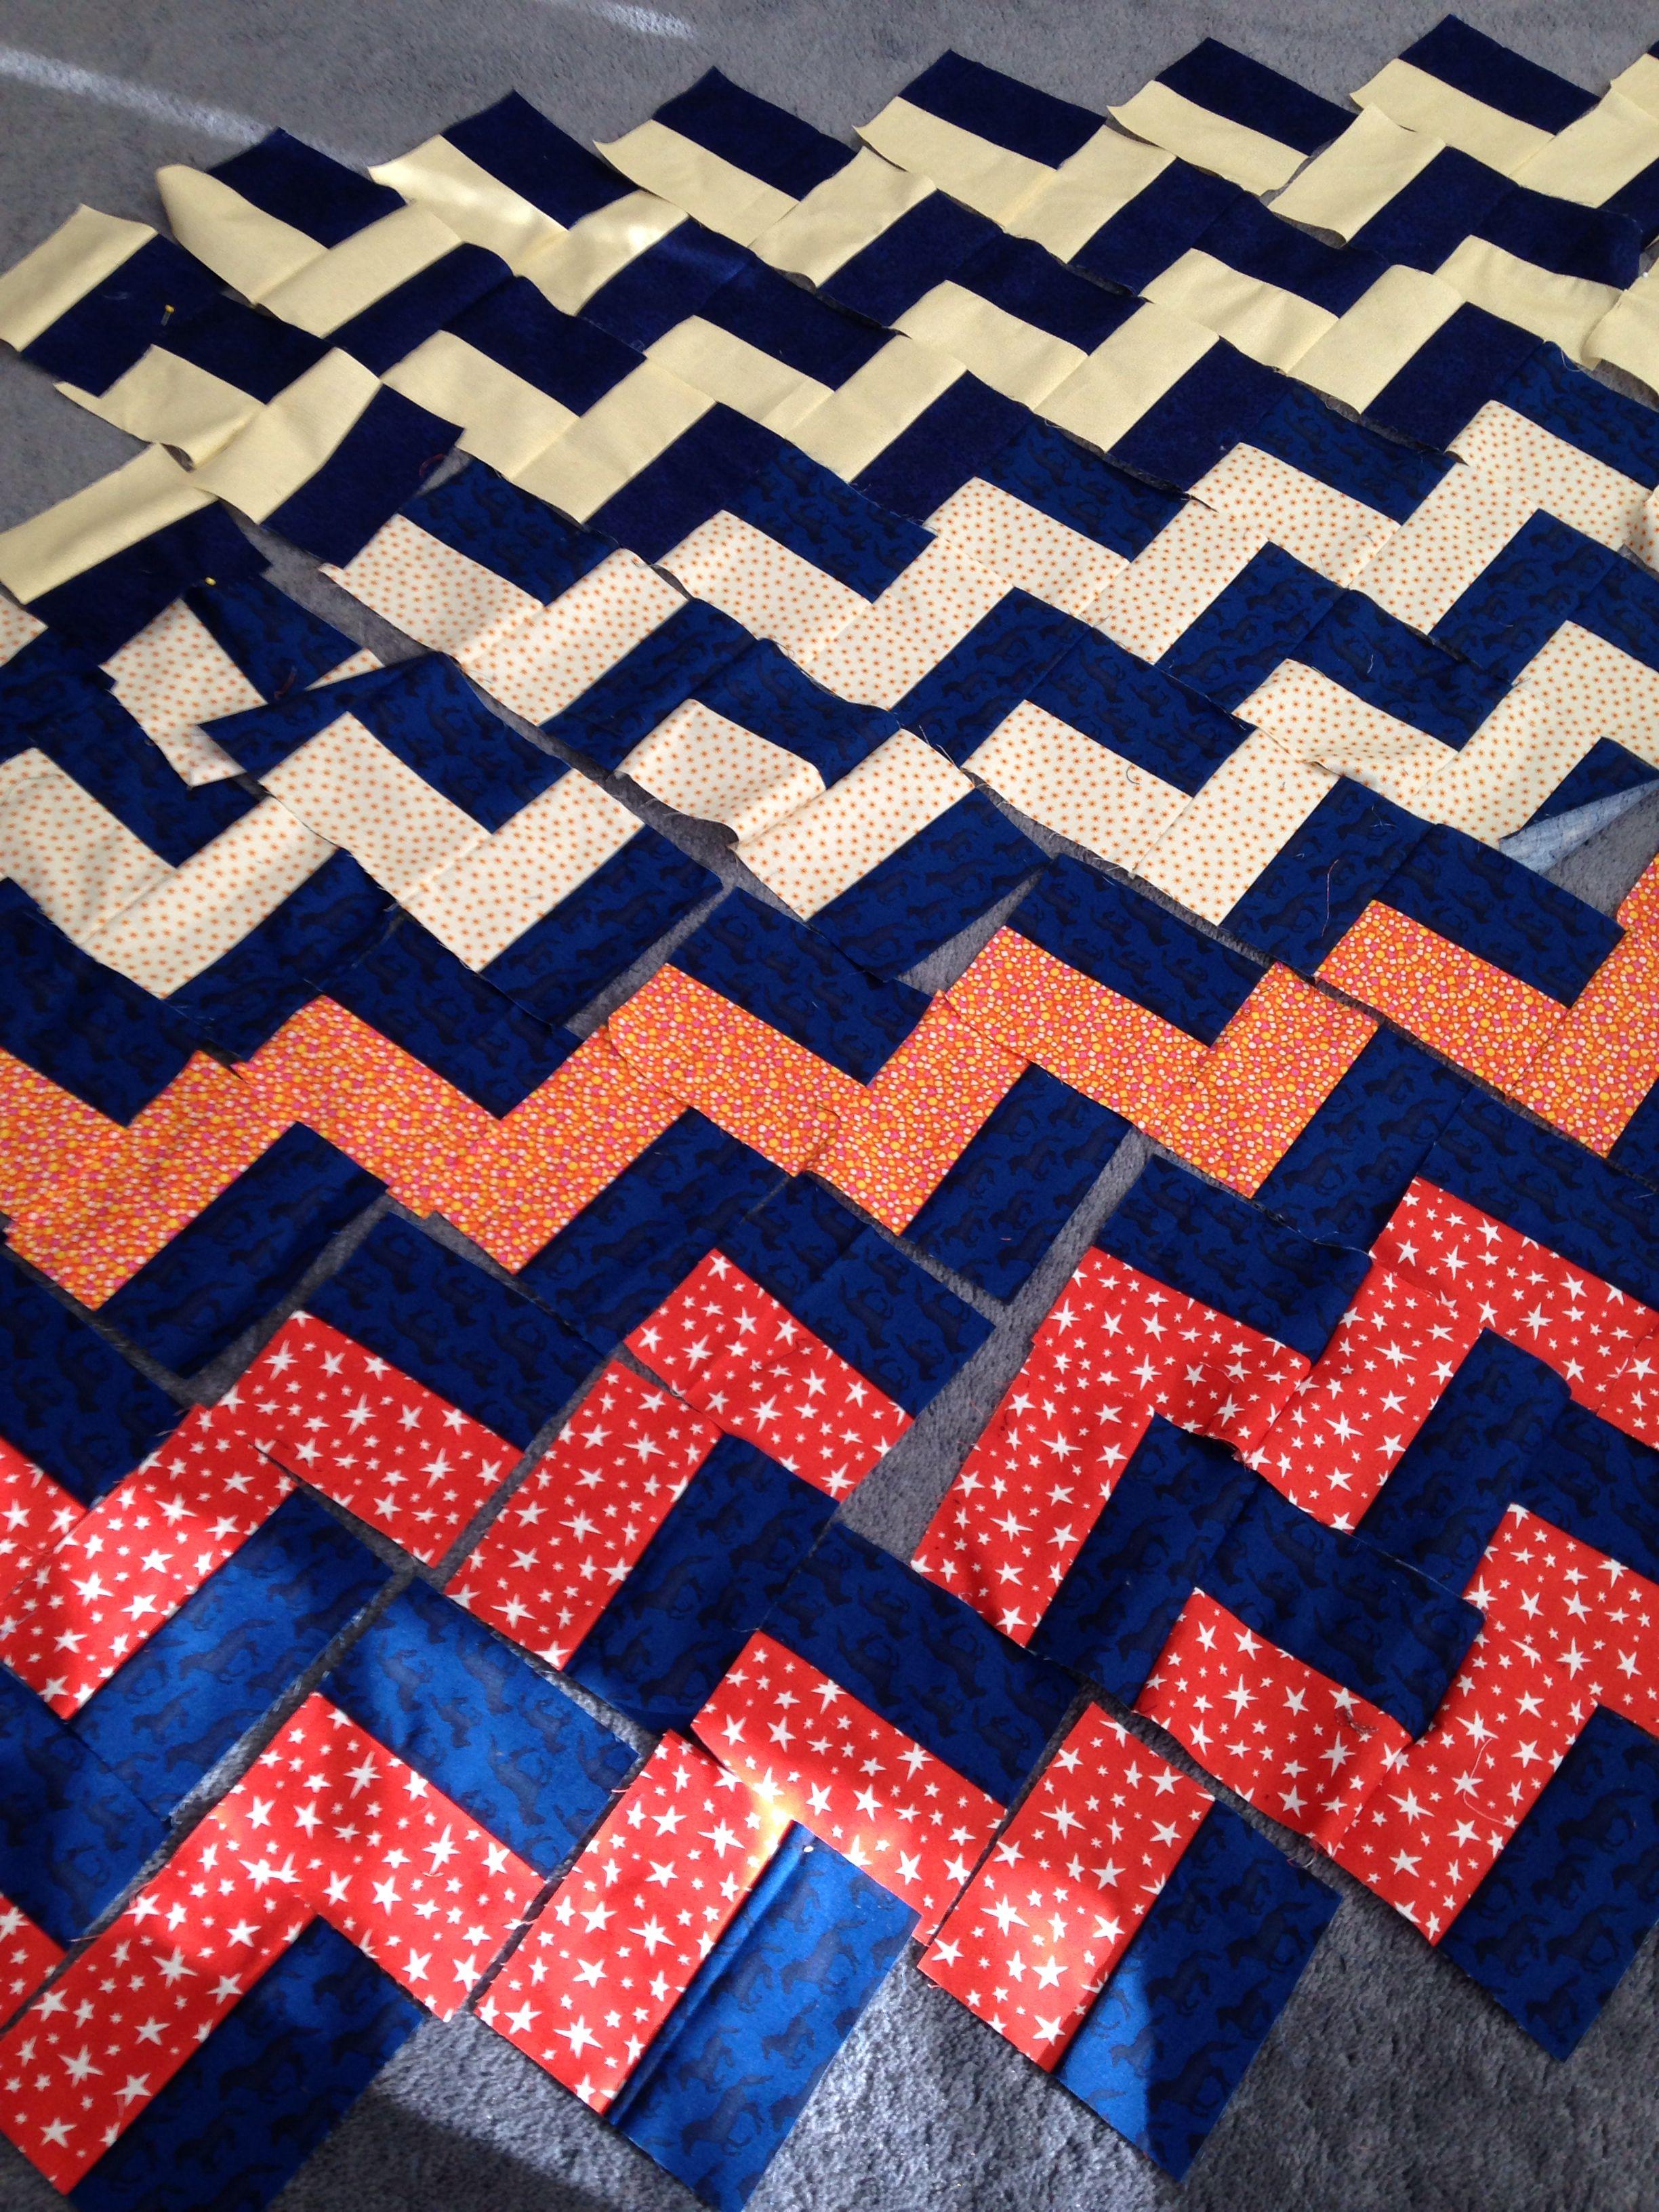 Zigzag quilt in progress